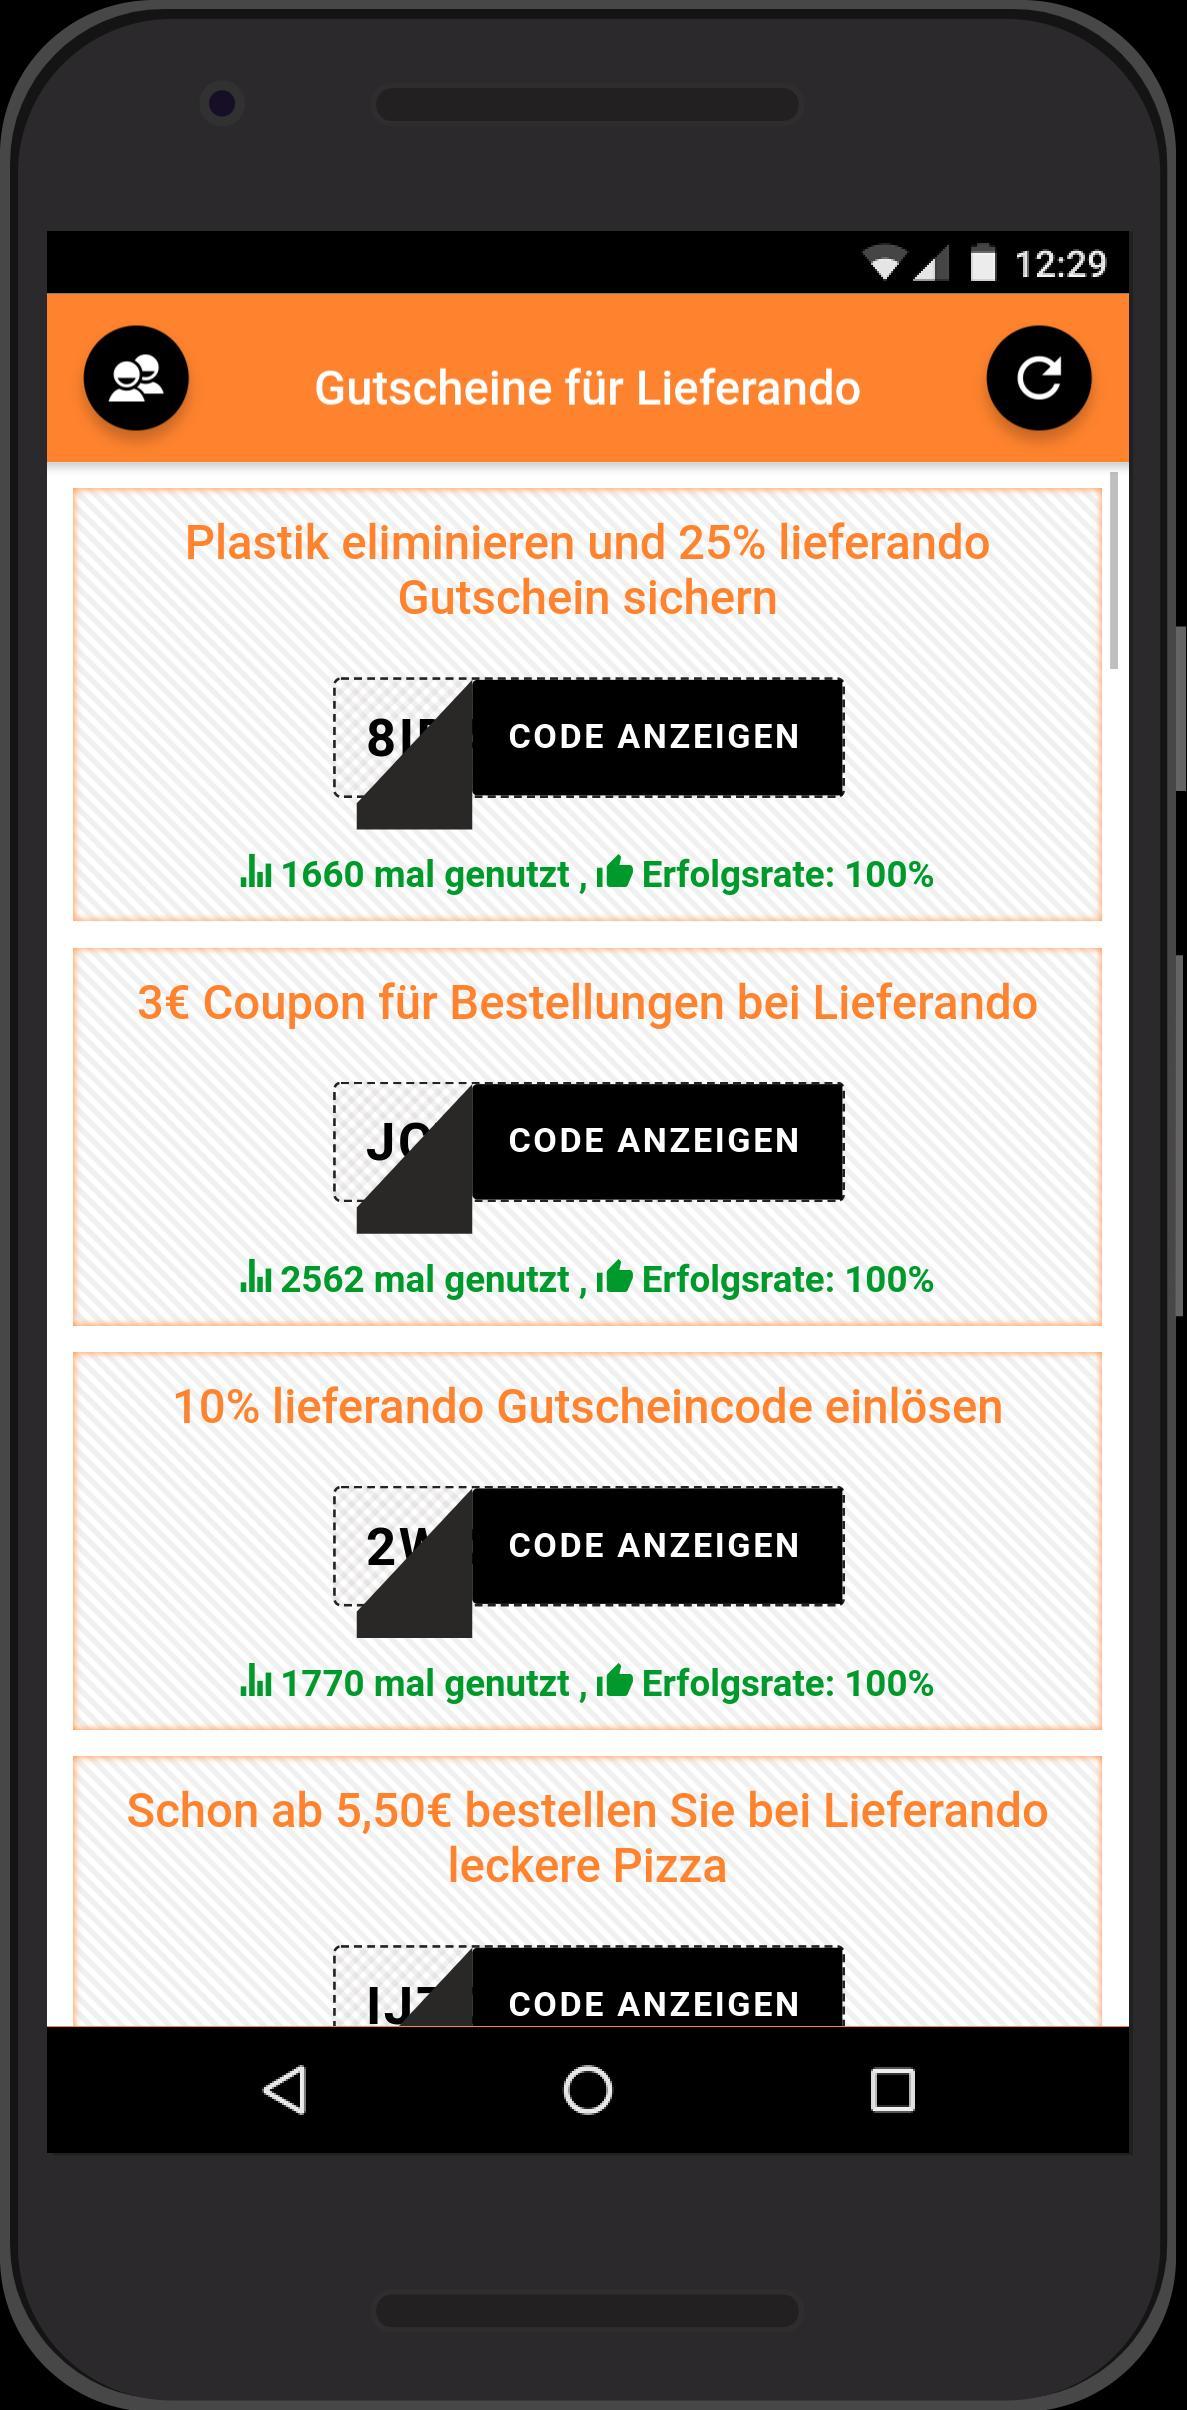 Gutscheine für Lieferando pour Android   Téléchargez l'APK